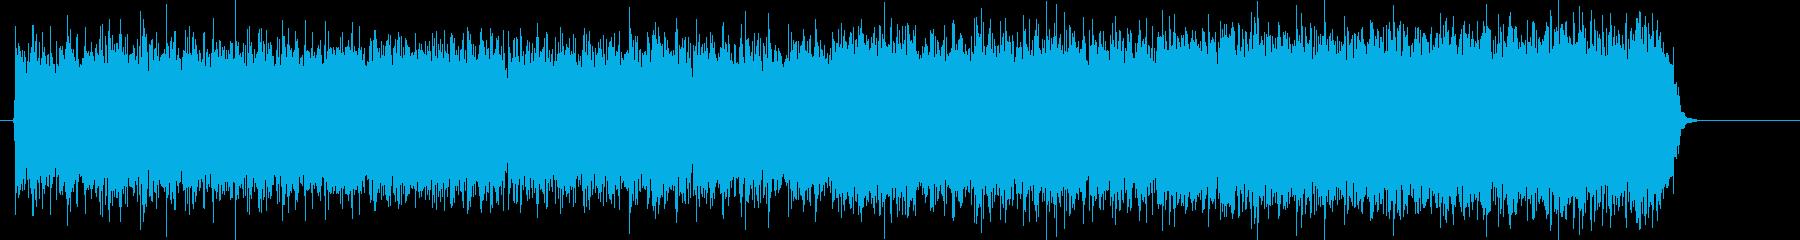 パワー全開のハードロックギターサウンドの再生済みの波形